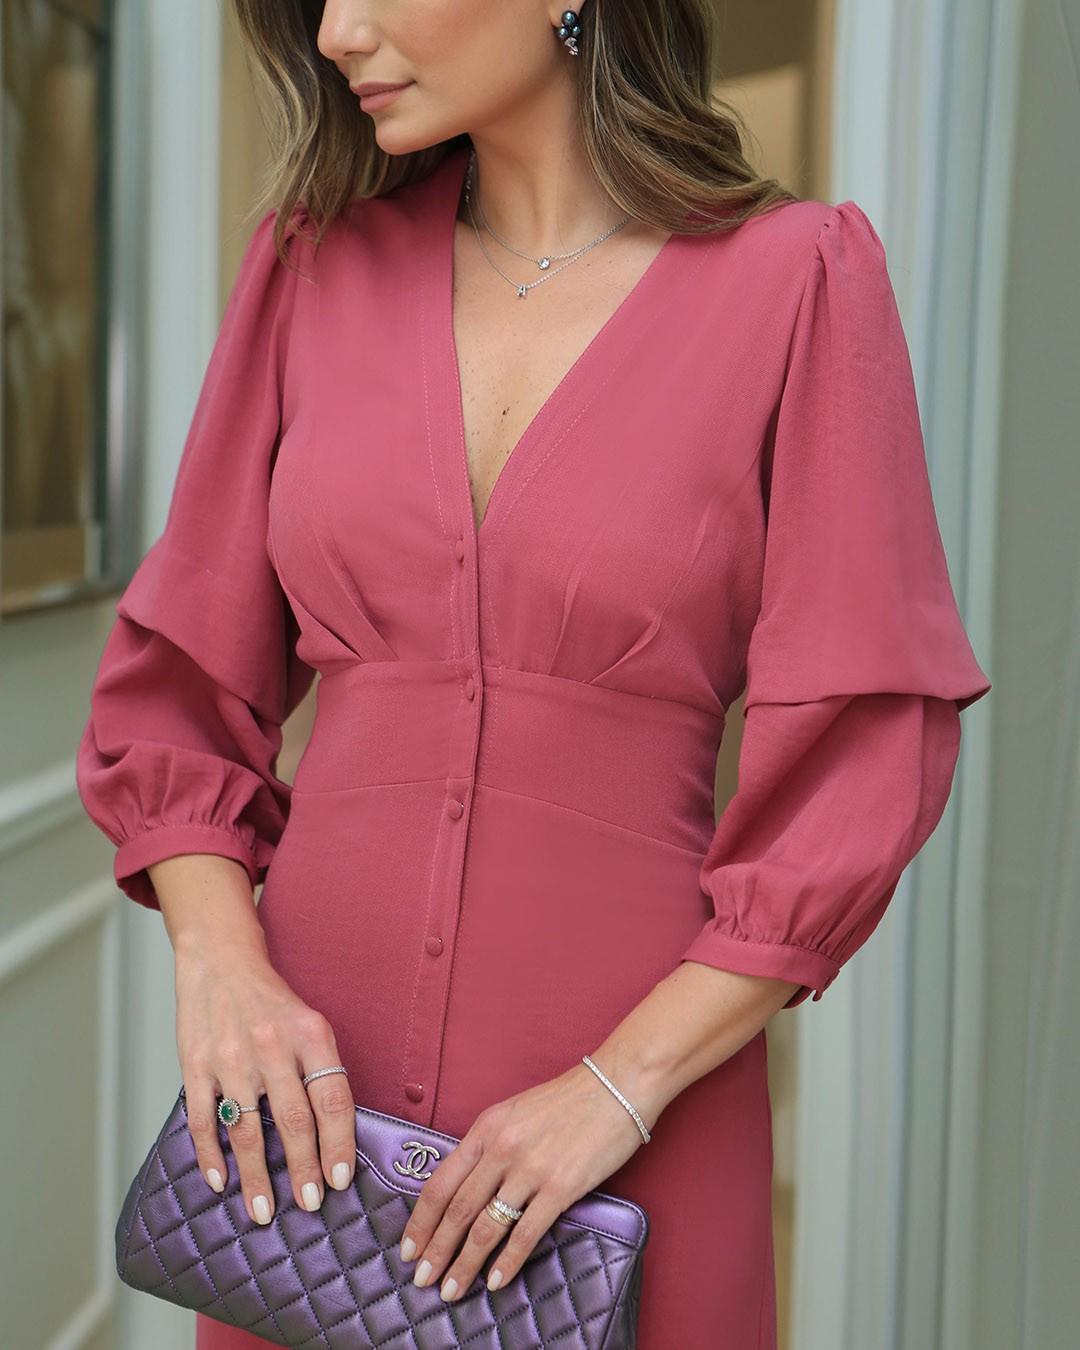 Vestido Midi Evasê com Botões e Decote V Unique Chic Ariane